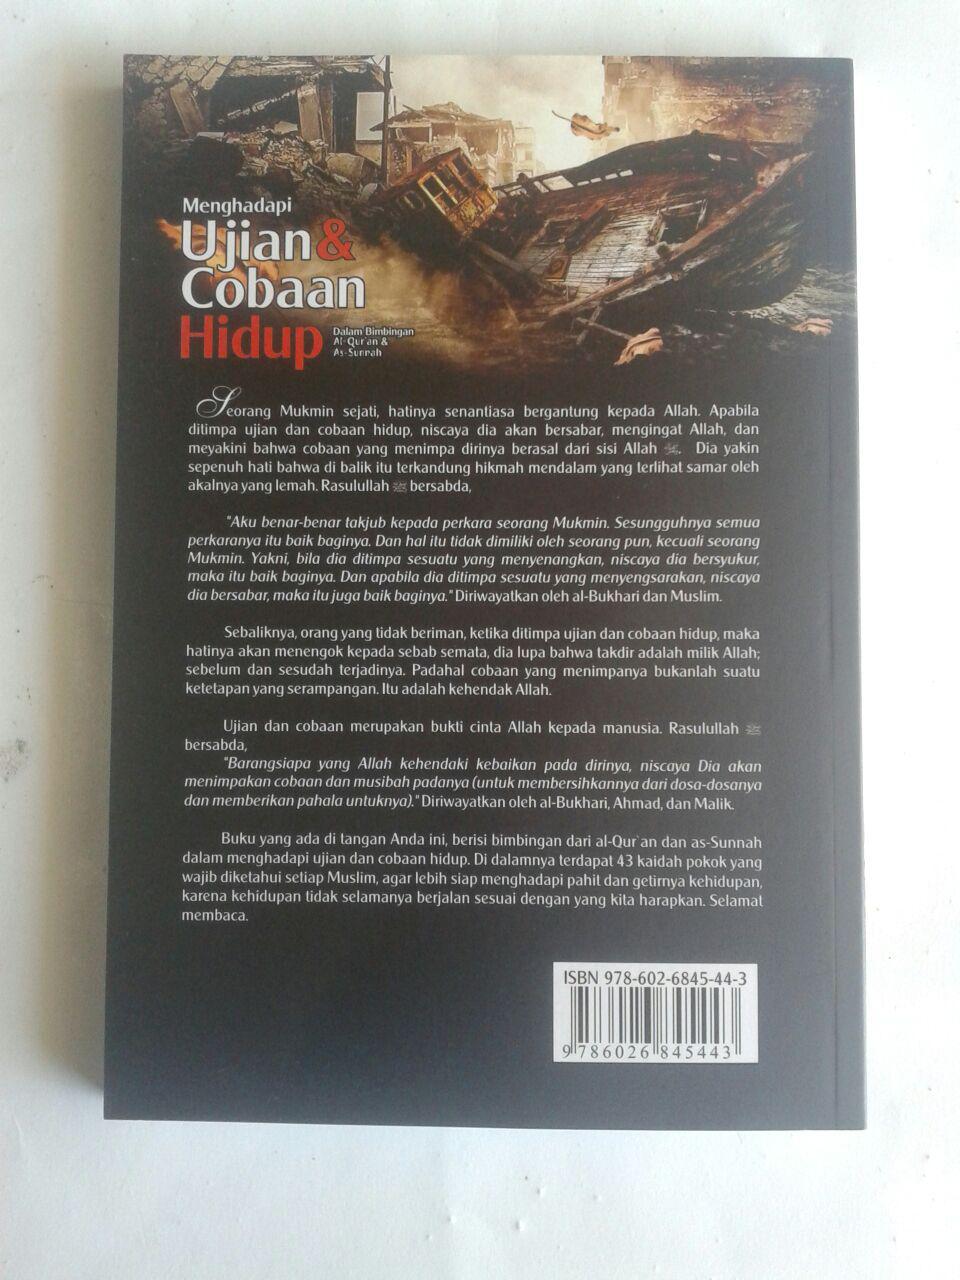 Buku Menghadapi Ujian Dan Cobaan Hidup Dalam Bimbingan Quran Sunnah cover